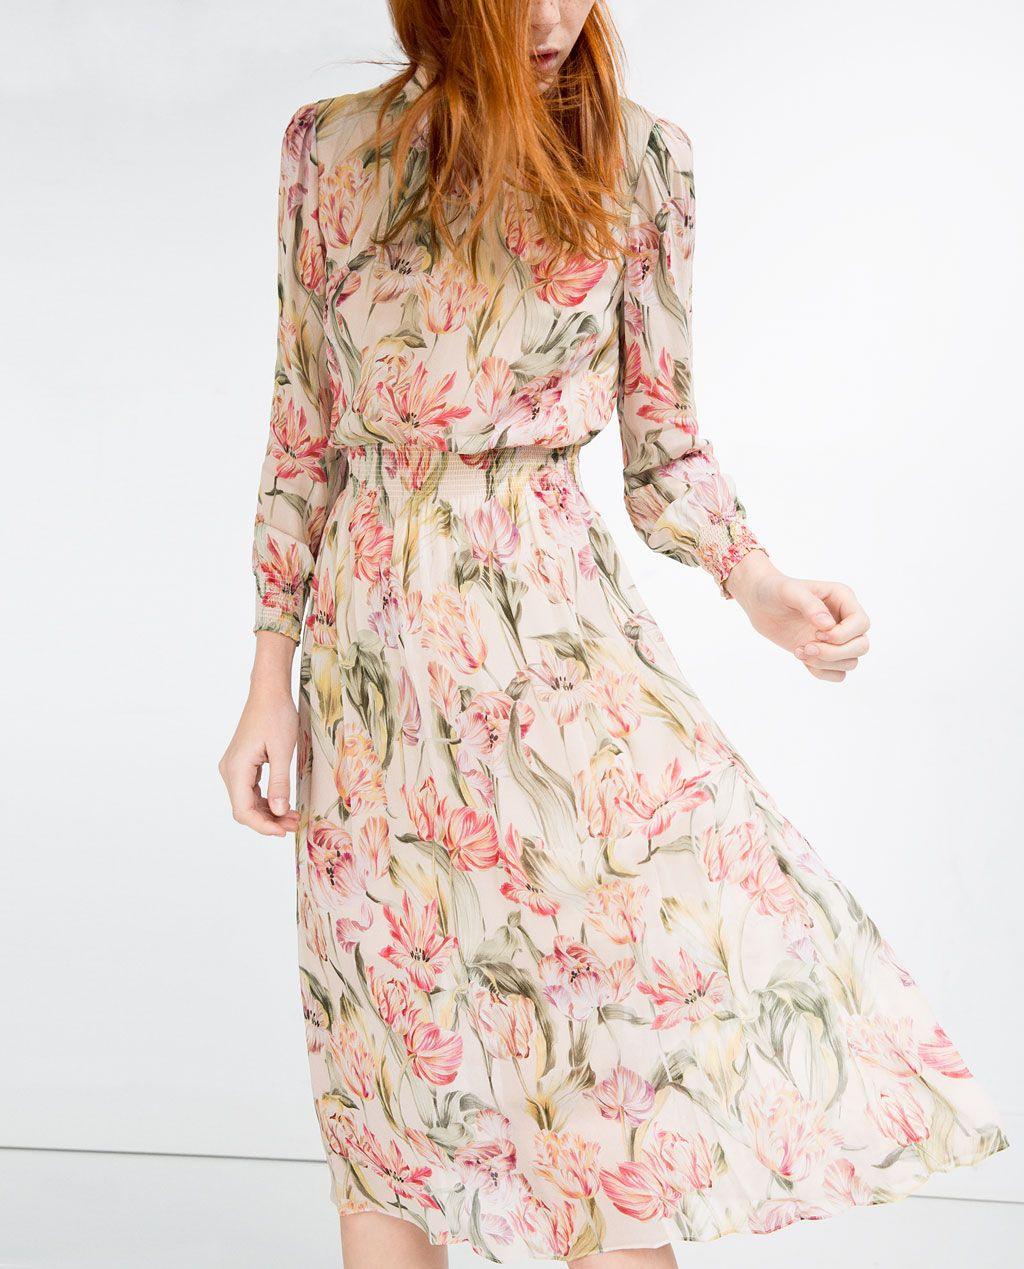 10 Cool Abendkleider Zara Bester PreisFormal Wunderbar Abendkleider Zara Vertrieb